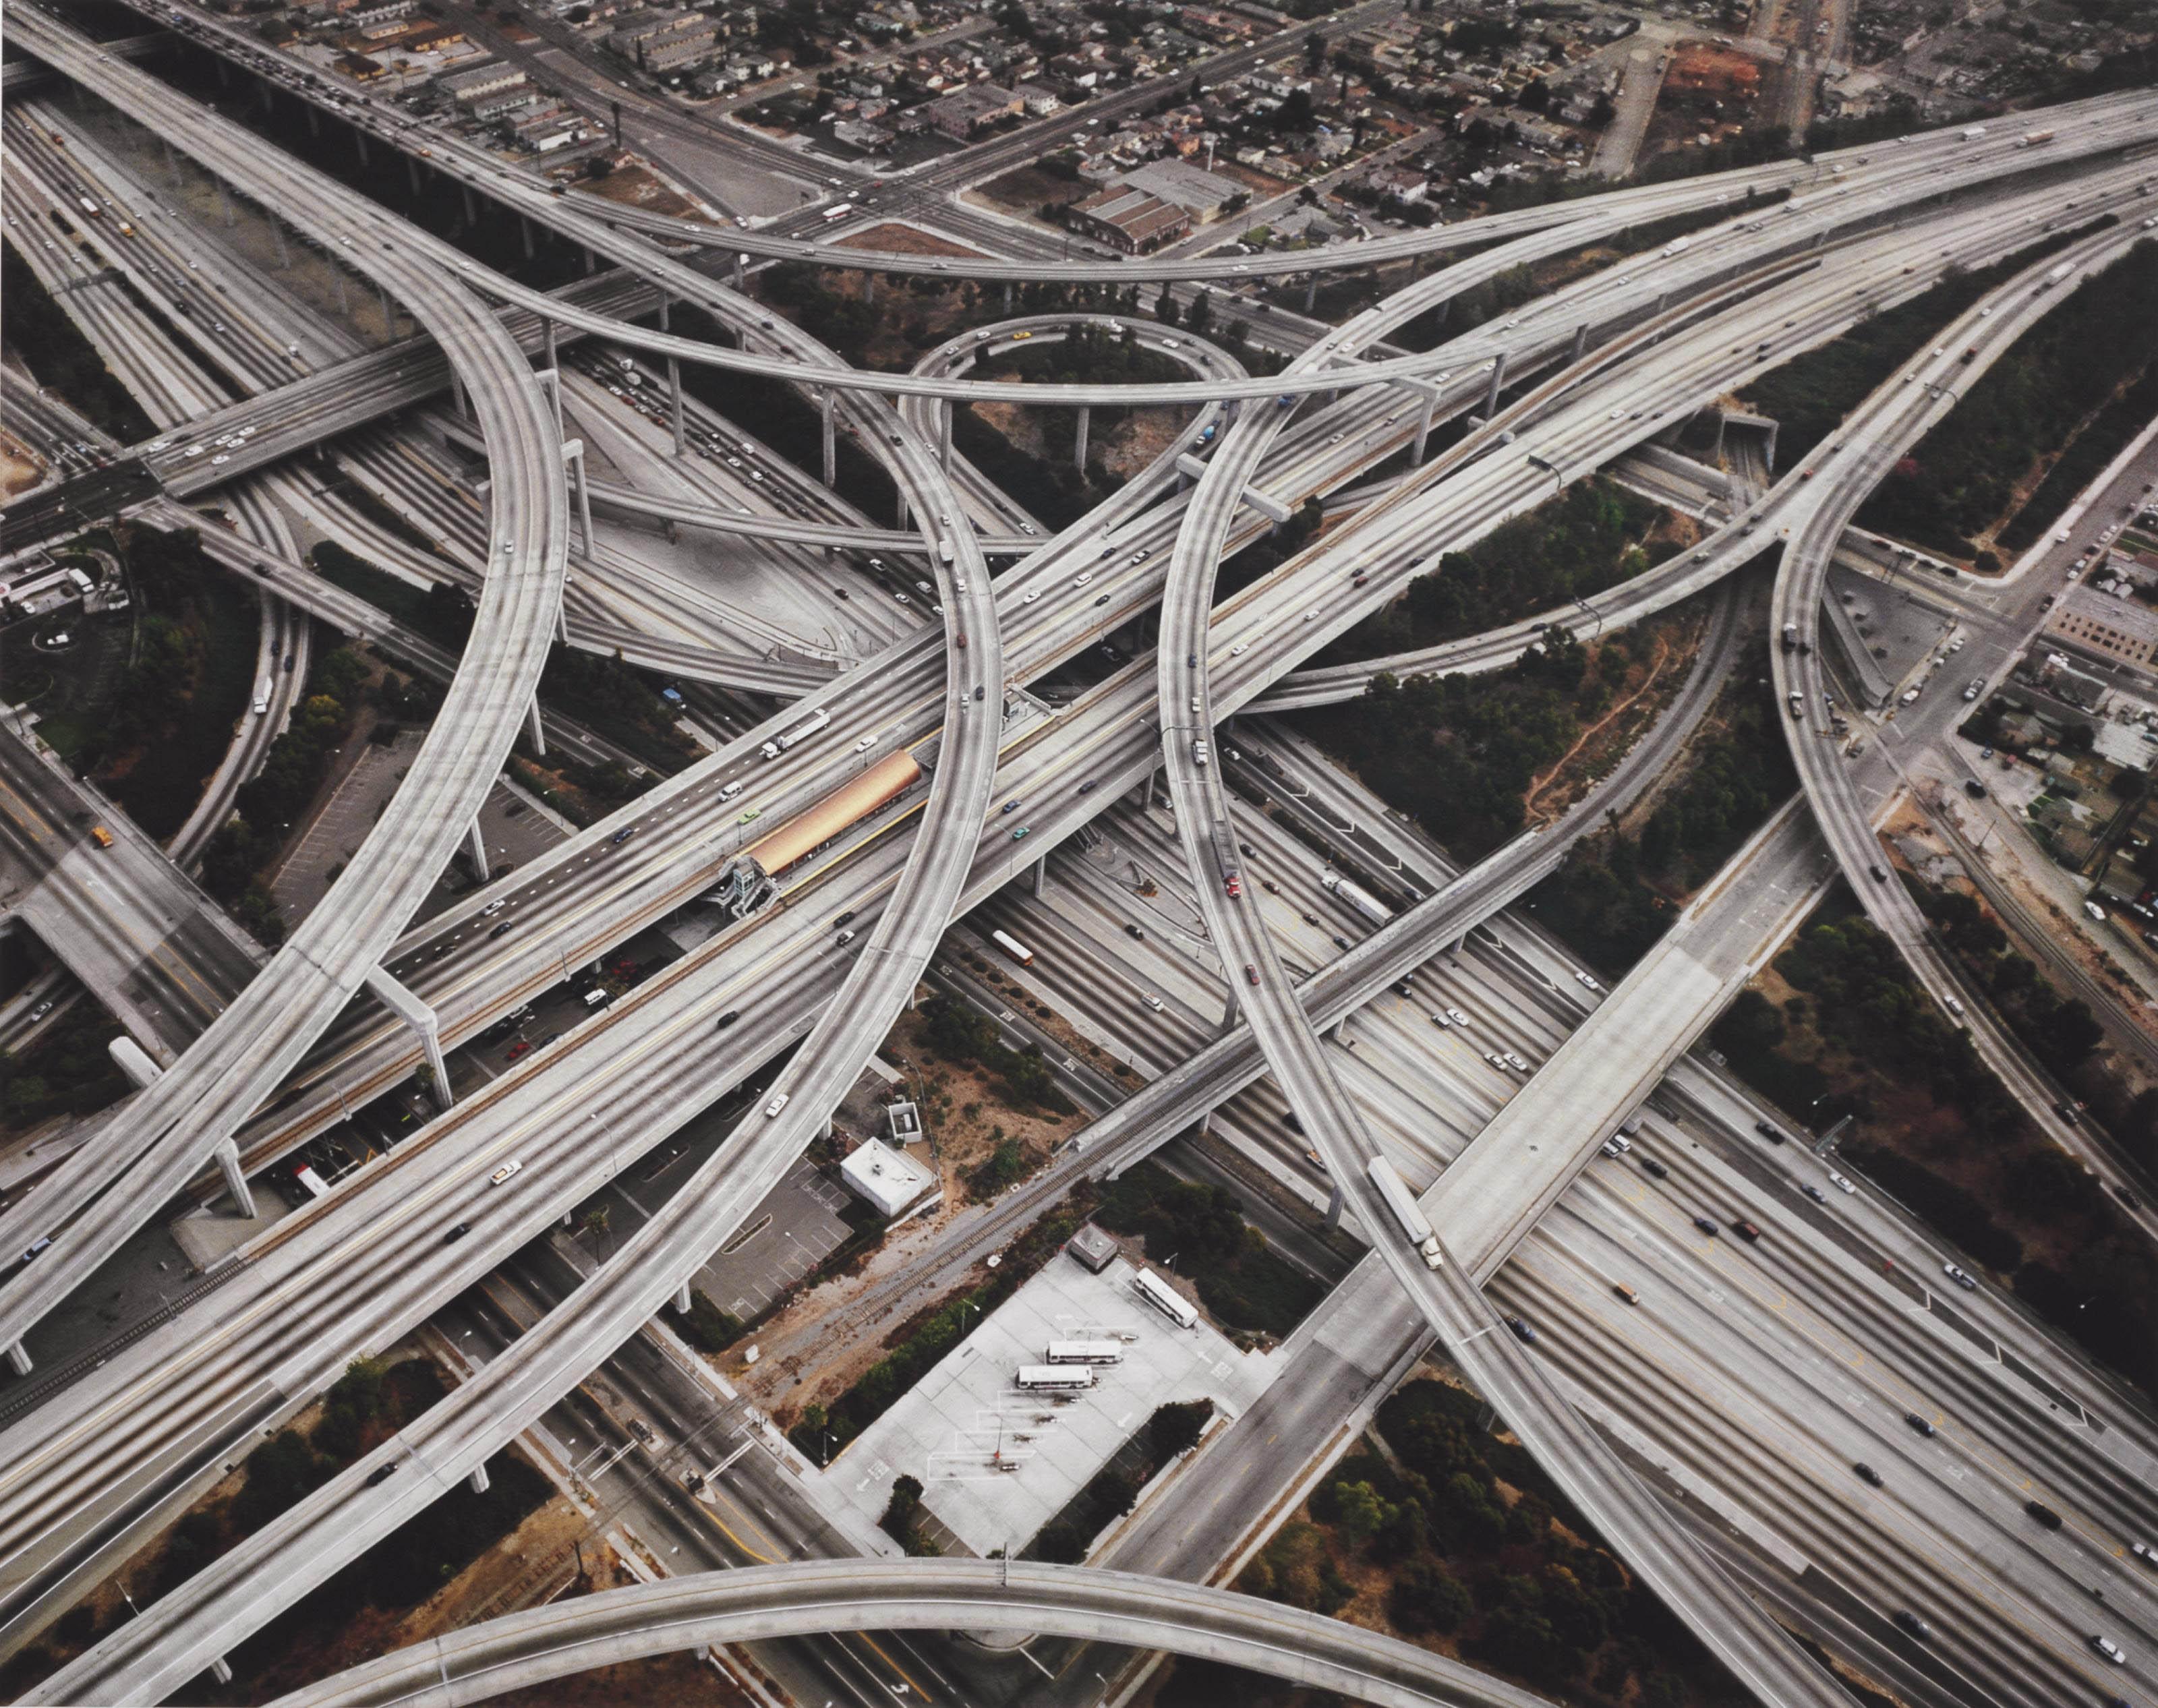 Edward Burtynsky  B  1955    Highway  2  Intersection 105  U0026 110  Los Angeles  Ca  2003